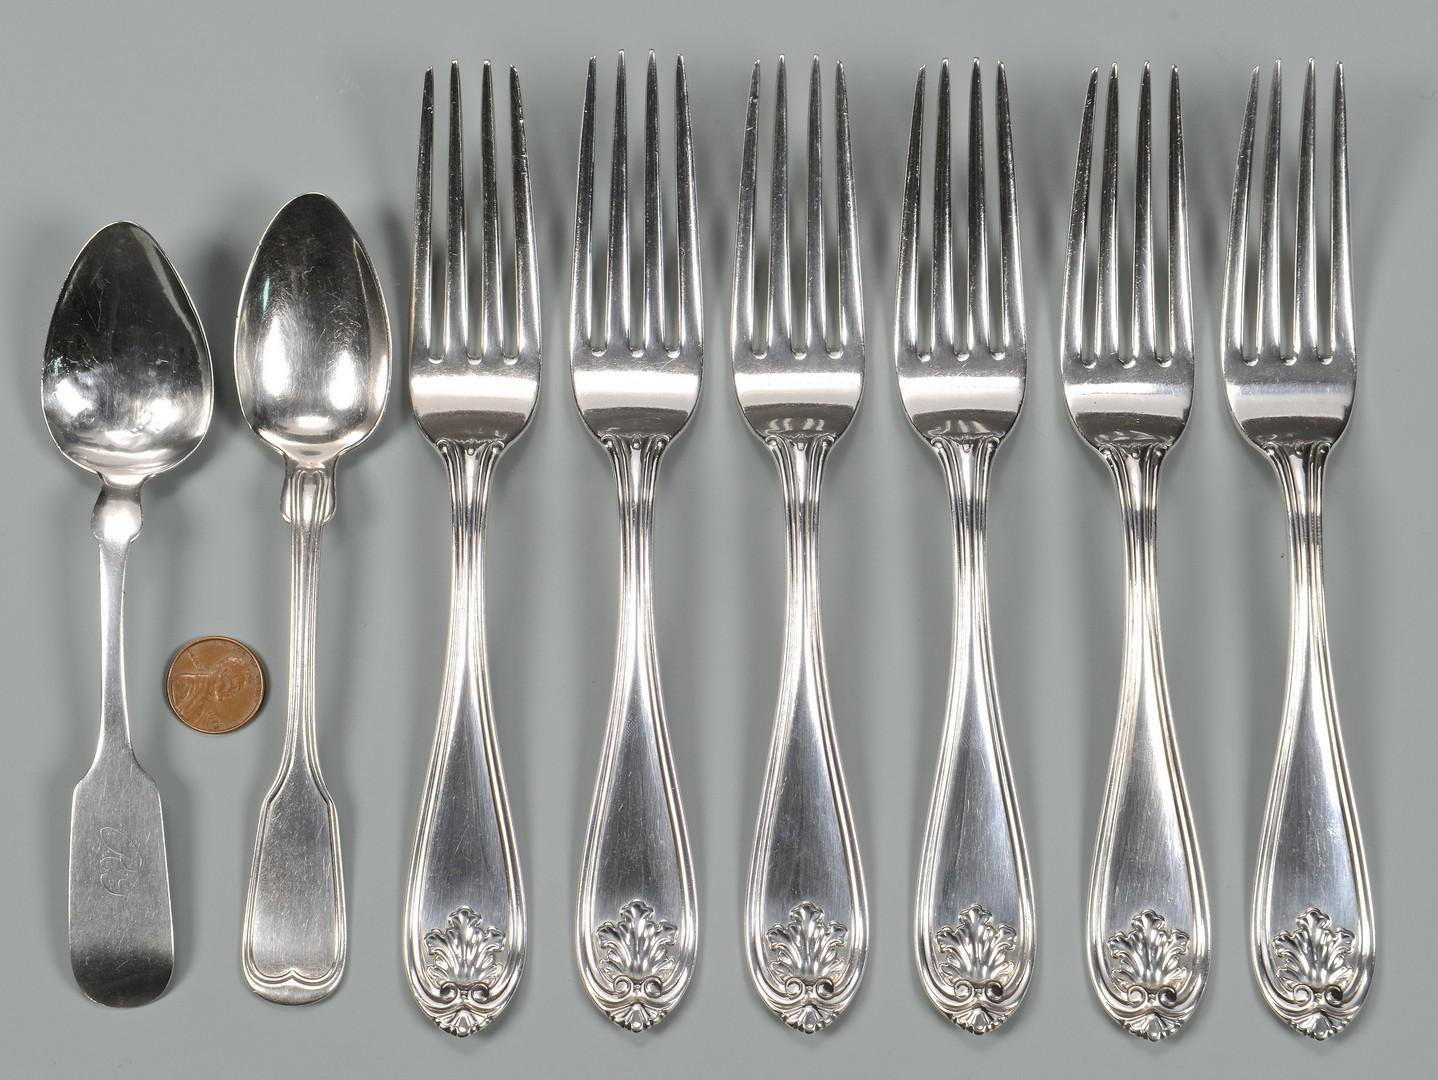 Lot 76: 8 pcs. Natchez Coin Silver Flatware